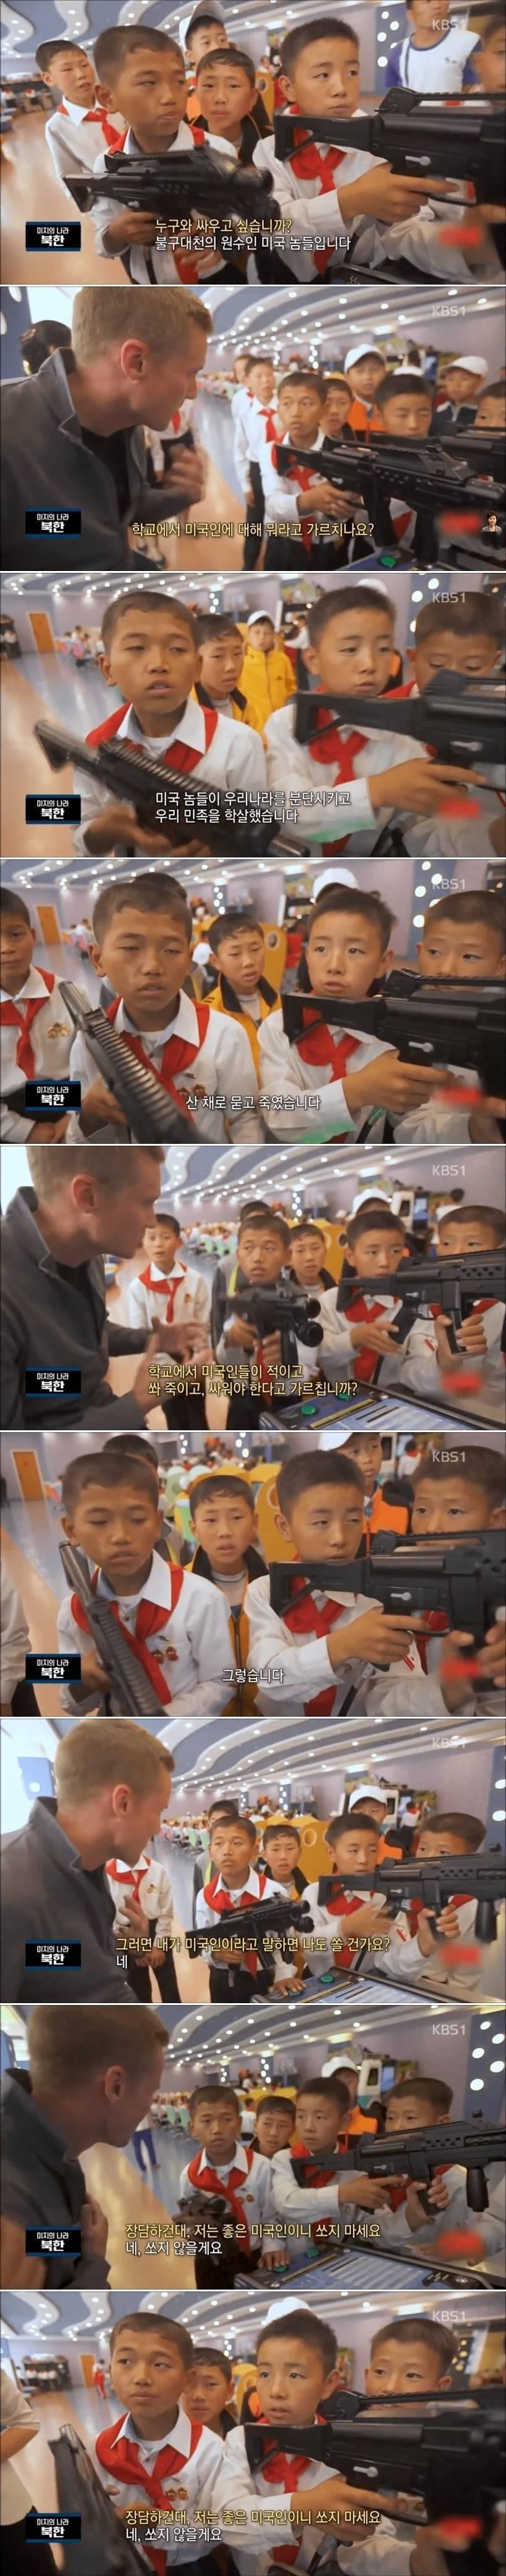 분노조절 잘 되는 북한 어린이들.jpg | 인스티즈